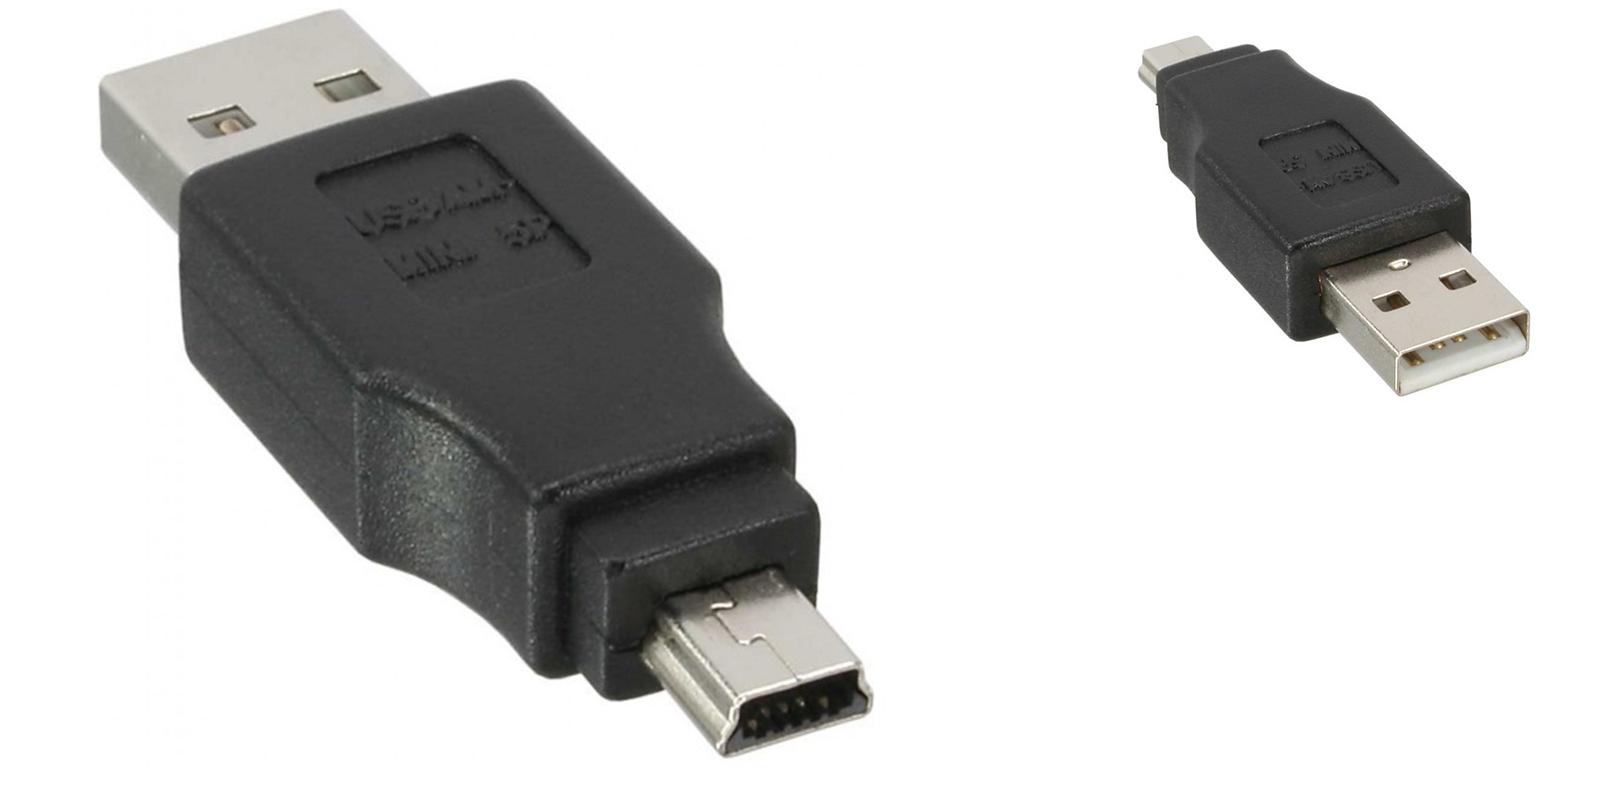 USB 2.0 un maschio a 2.0 Donna Adattatore Convertitore Video Accoppiatore Estensione